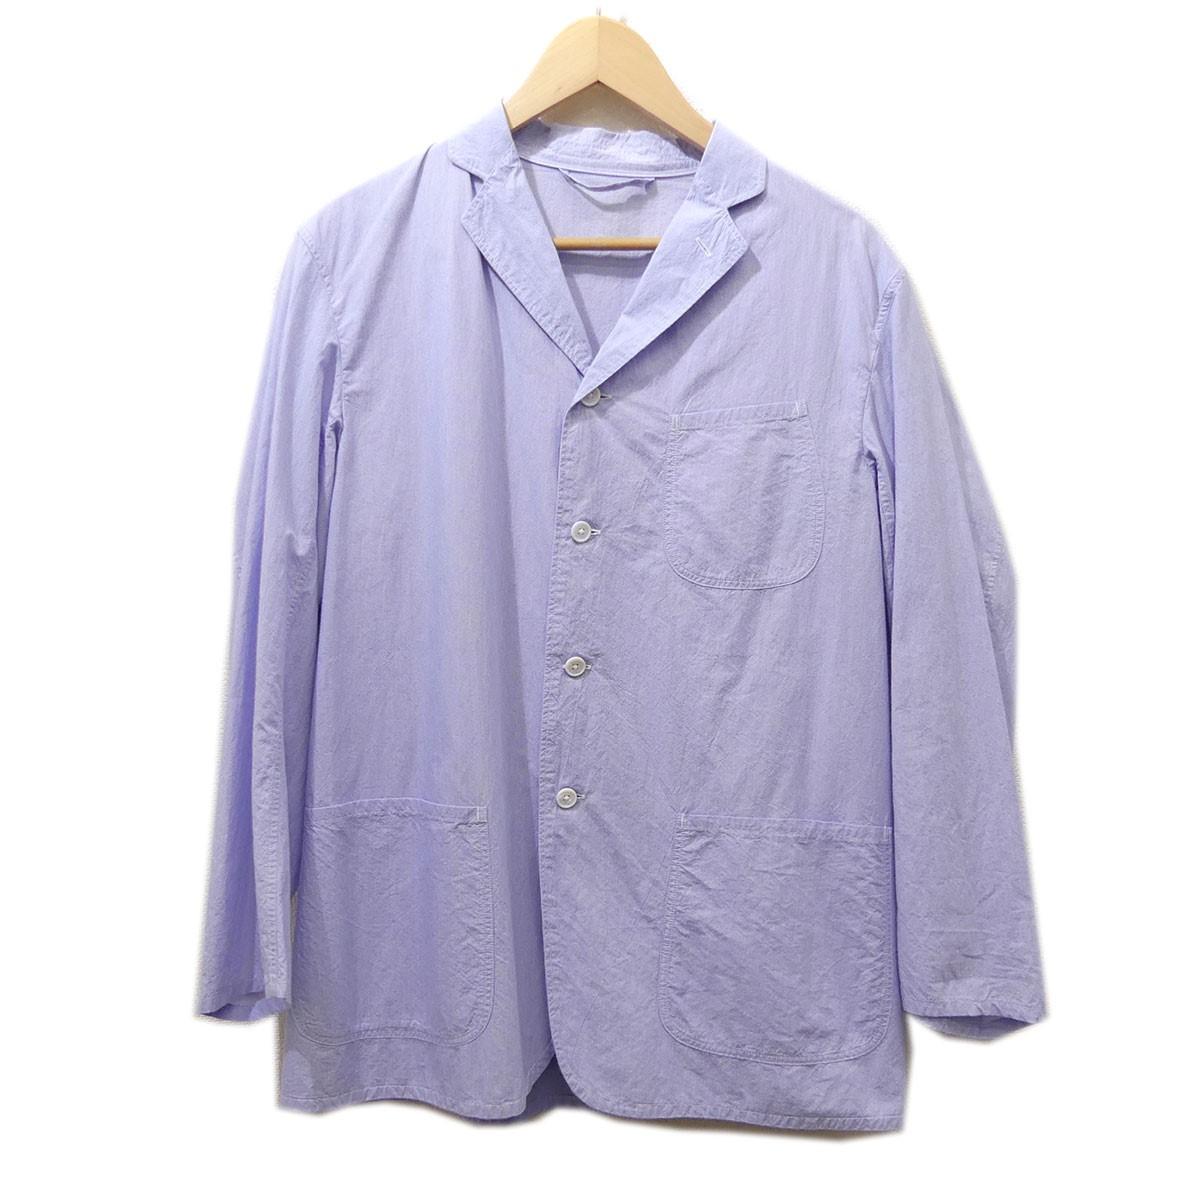 【中古】COMOLI 2015SS タイプライターコットン3Bシャツジャケット ブルー サイズ:1 【020520】(コモリ)